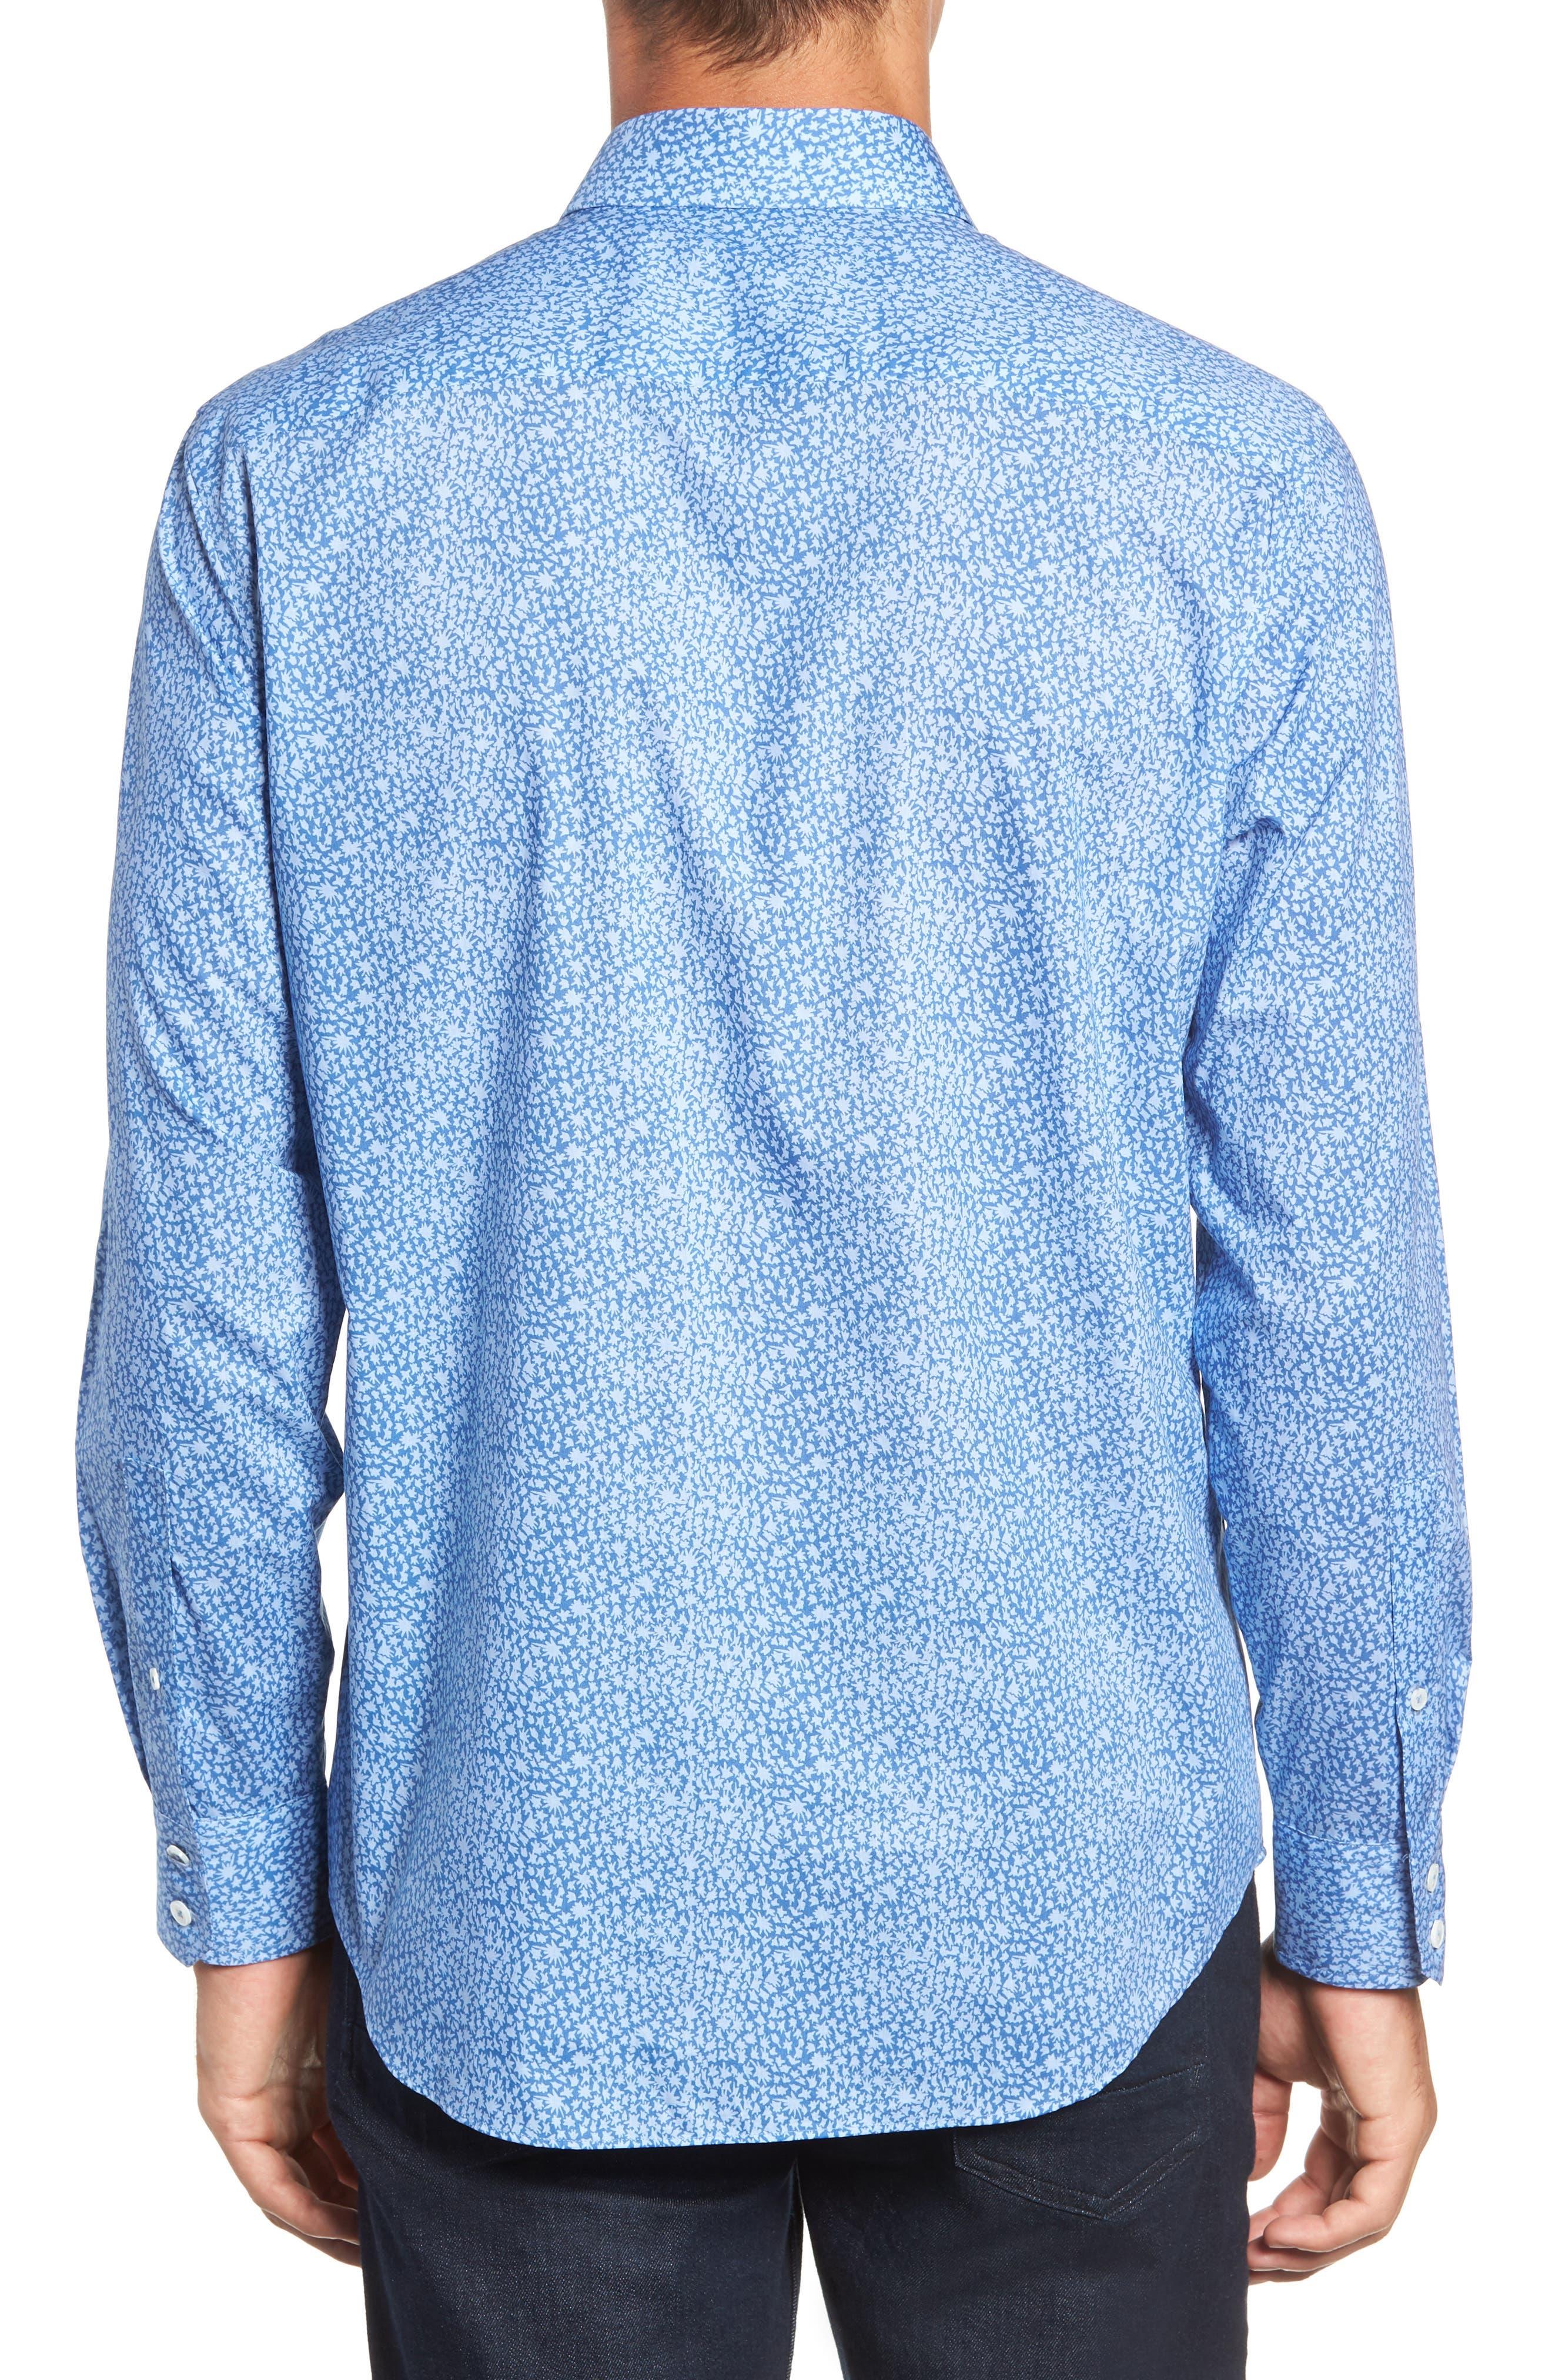 ZACHARY PRELL,                             Elliot Regular Fit Sport Shirt,                             Alternate thumbnail 3, color,                             OCEAN